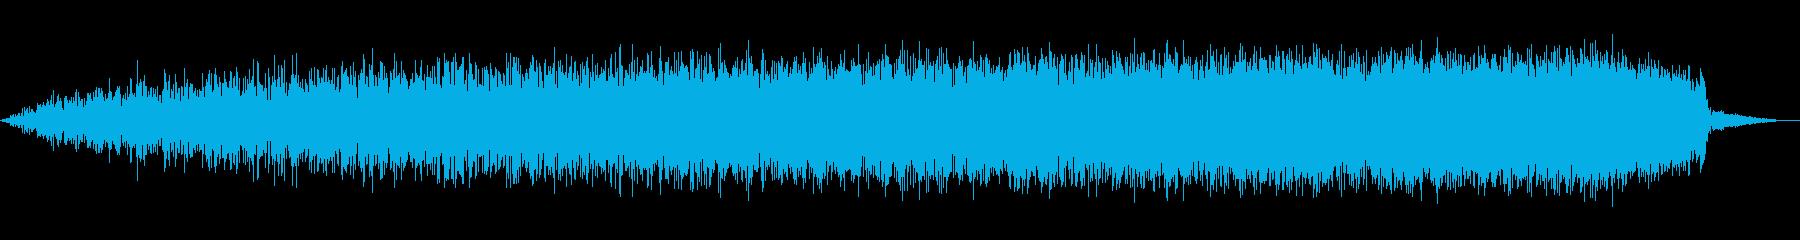 シューッという音EC07_78_2 2の再生済みの波形